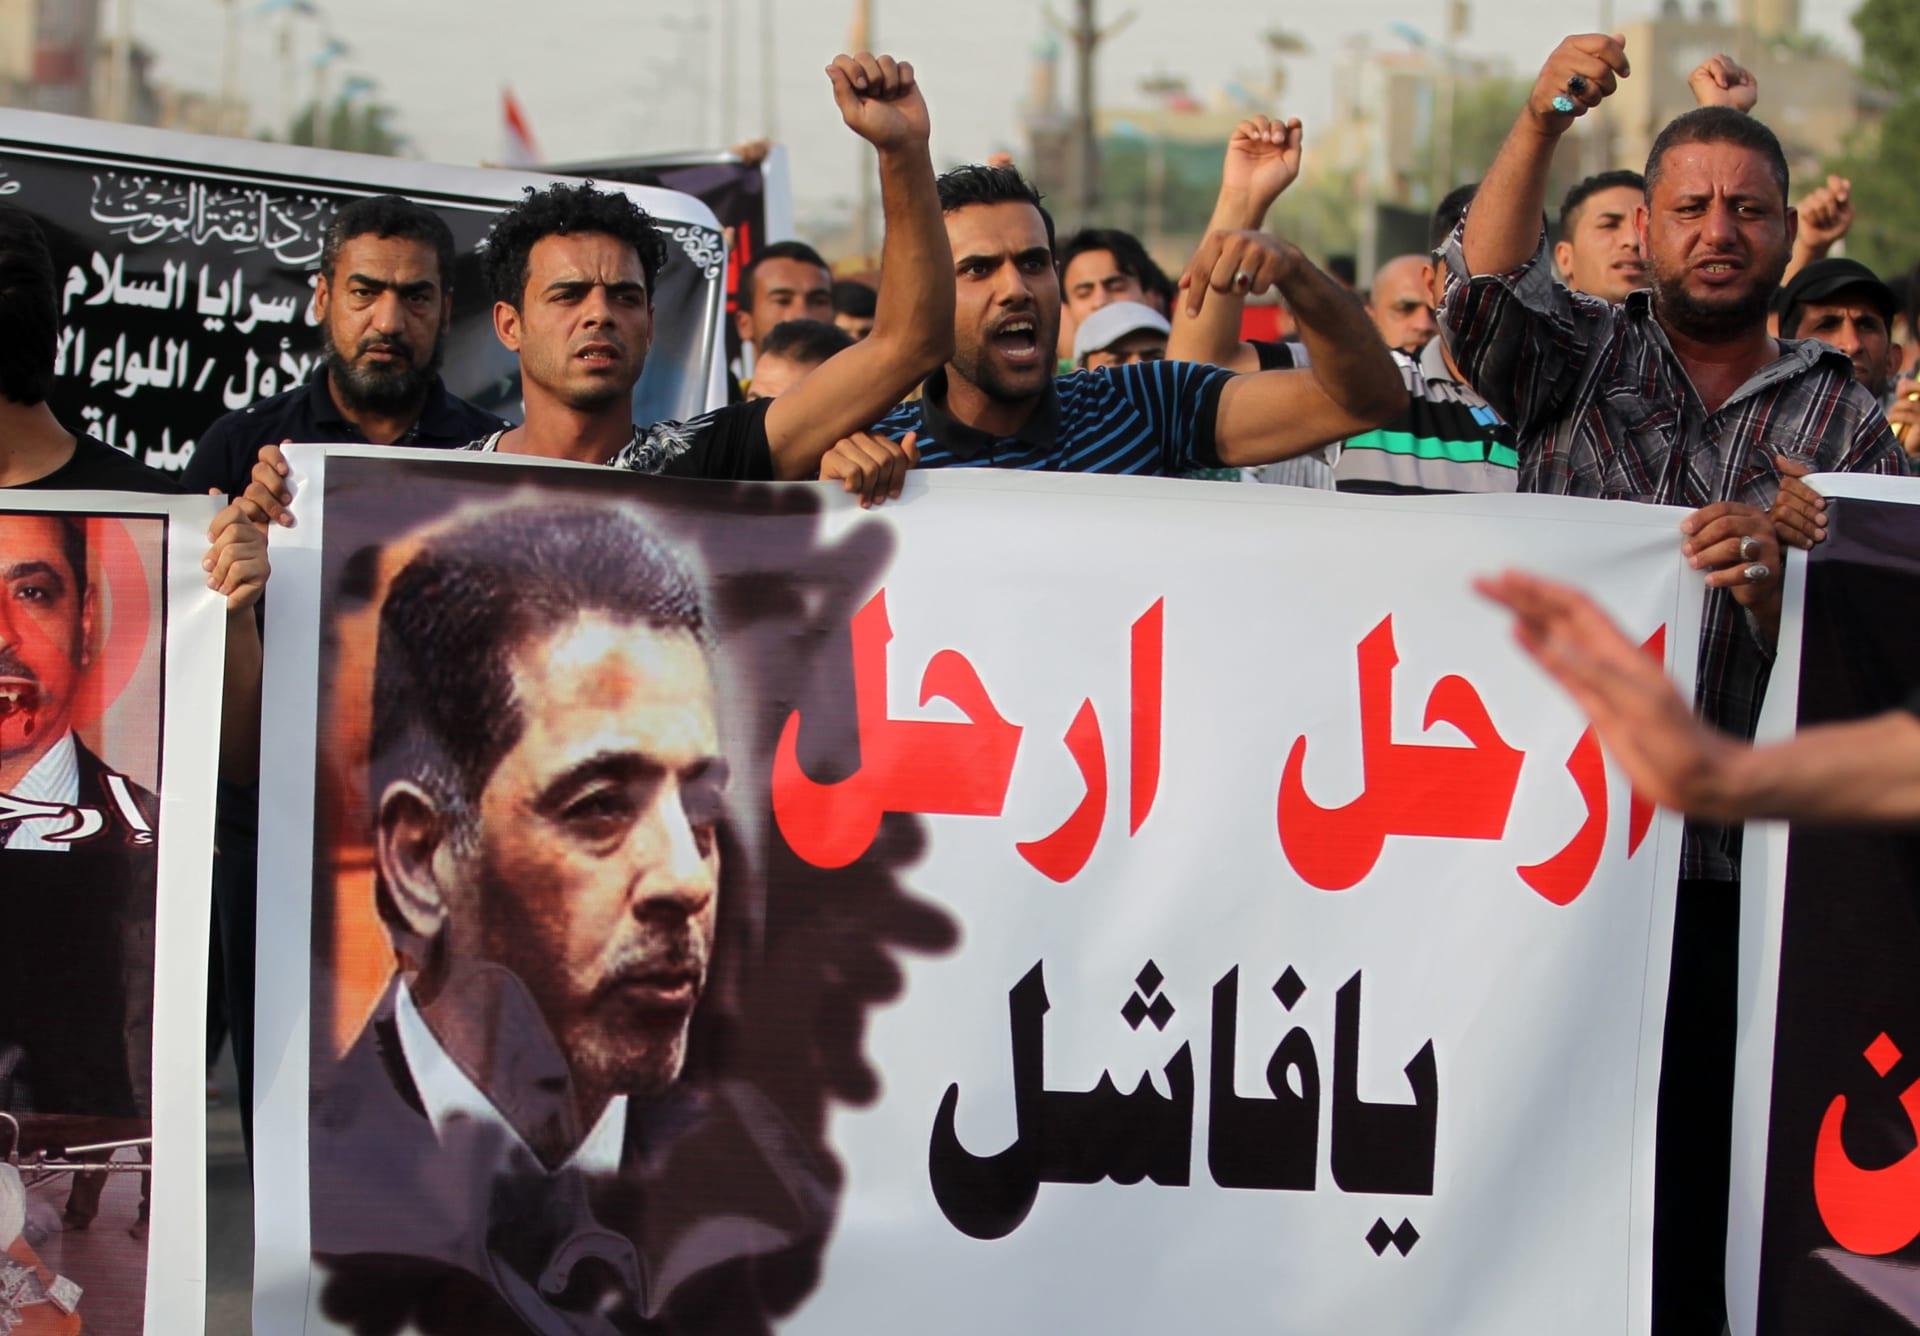 """وزير الداخلية العراقي يستقيل بعد أيام من تفجير الكرادة بسبب """"عدم وجود تنسيق بين الأجهزة الأمنية"""""""